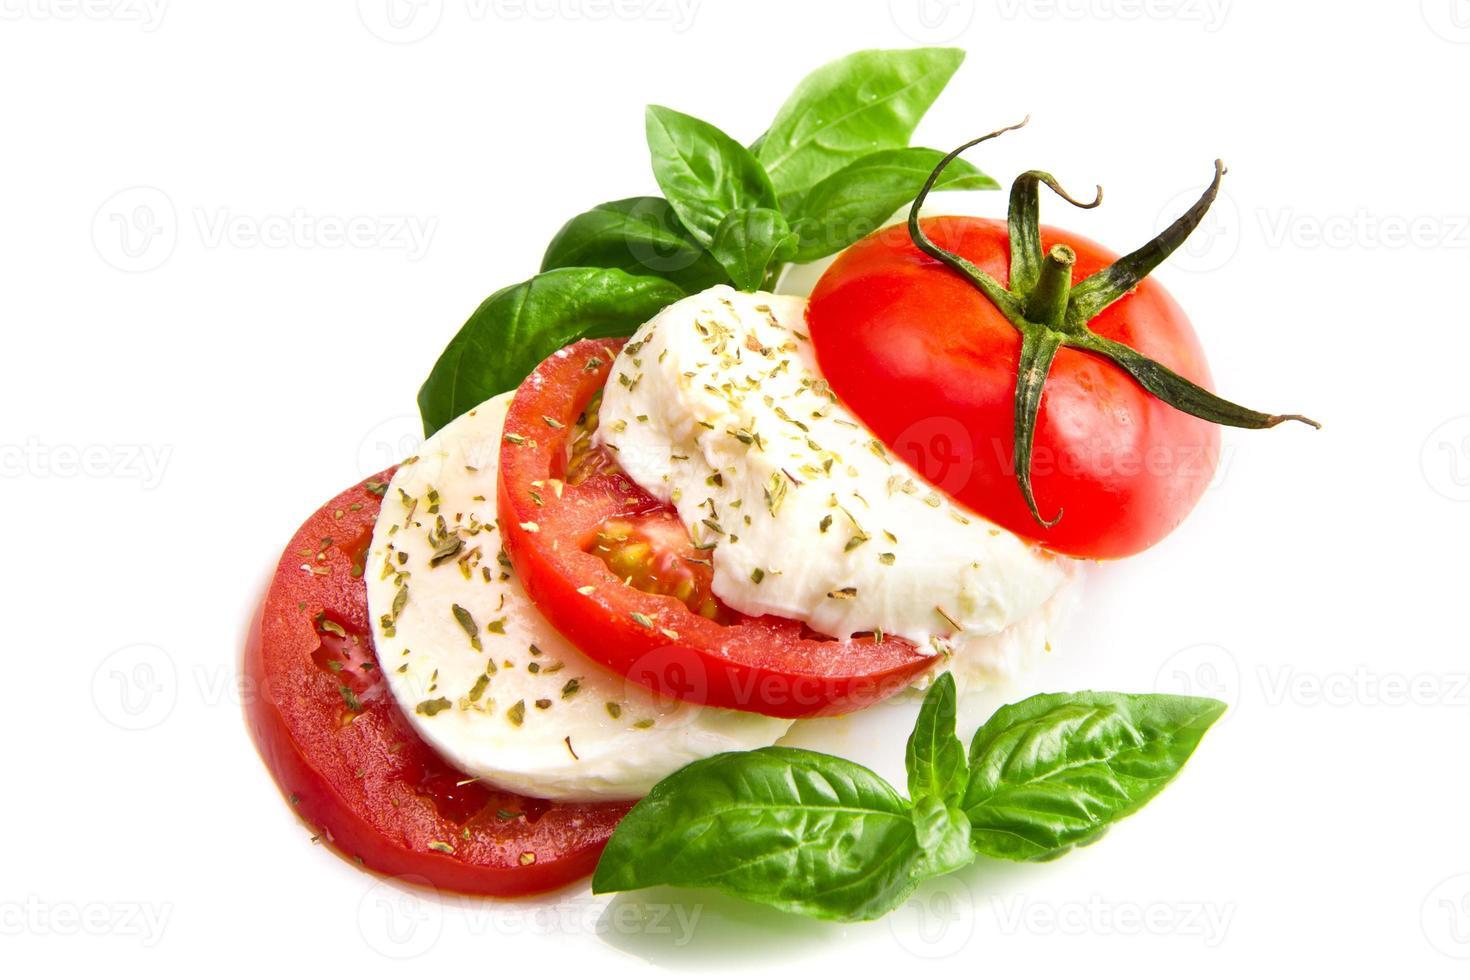 tomate et mozzarella aux feuilles de basilic sur blanc photo